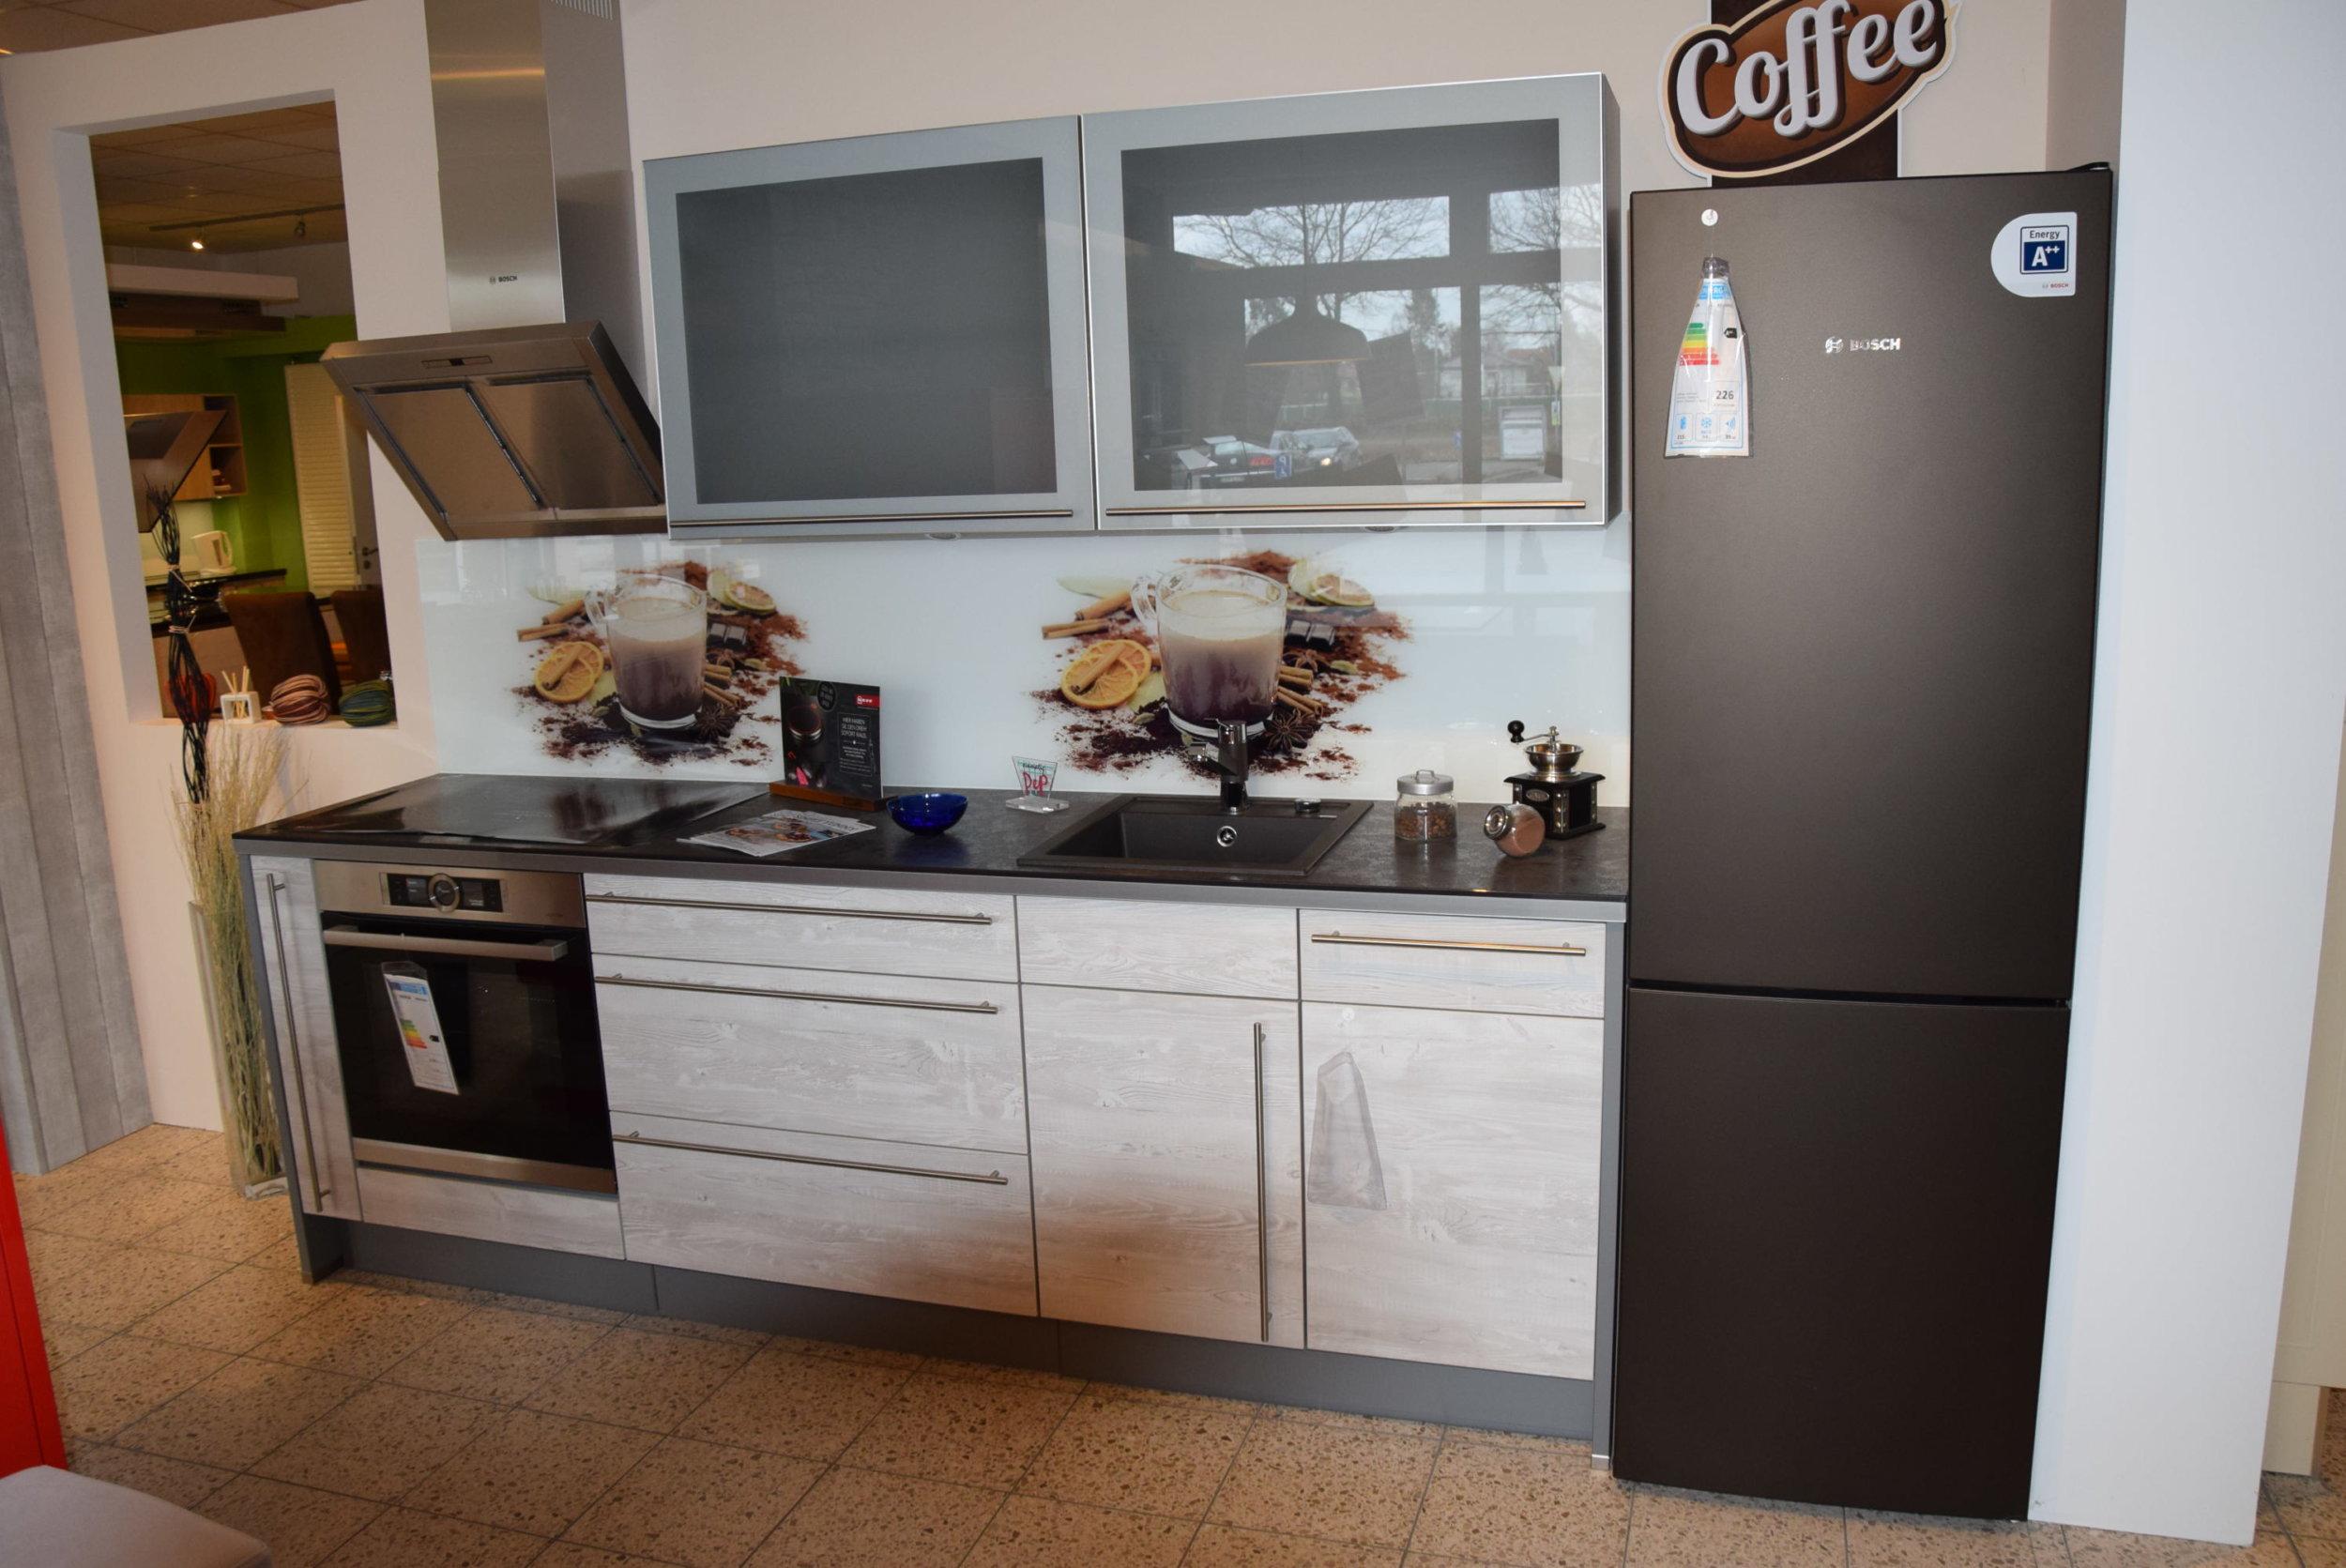 Full Size of Küchen Abverkauf Nobilia Kchen Nautic Pinie Kchenzeile Gnstig Kaufen Einbauküche Regal Inselküche Küche Bad Wohnzimmer Küchen Abverkauf Nobilia